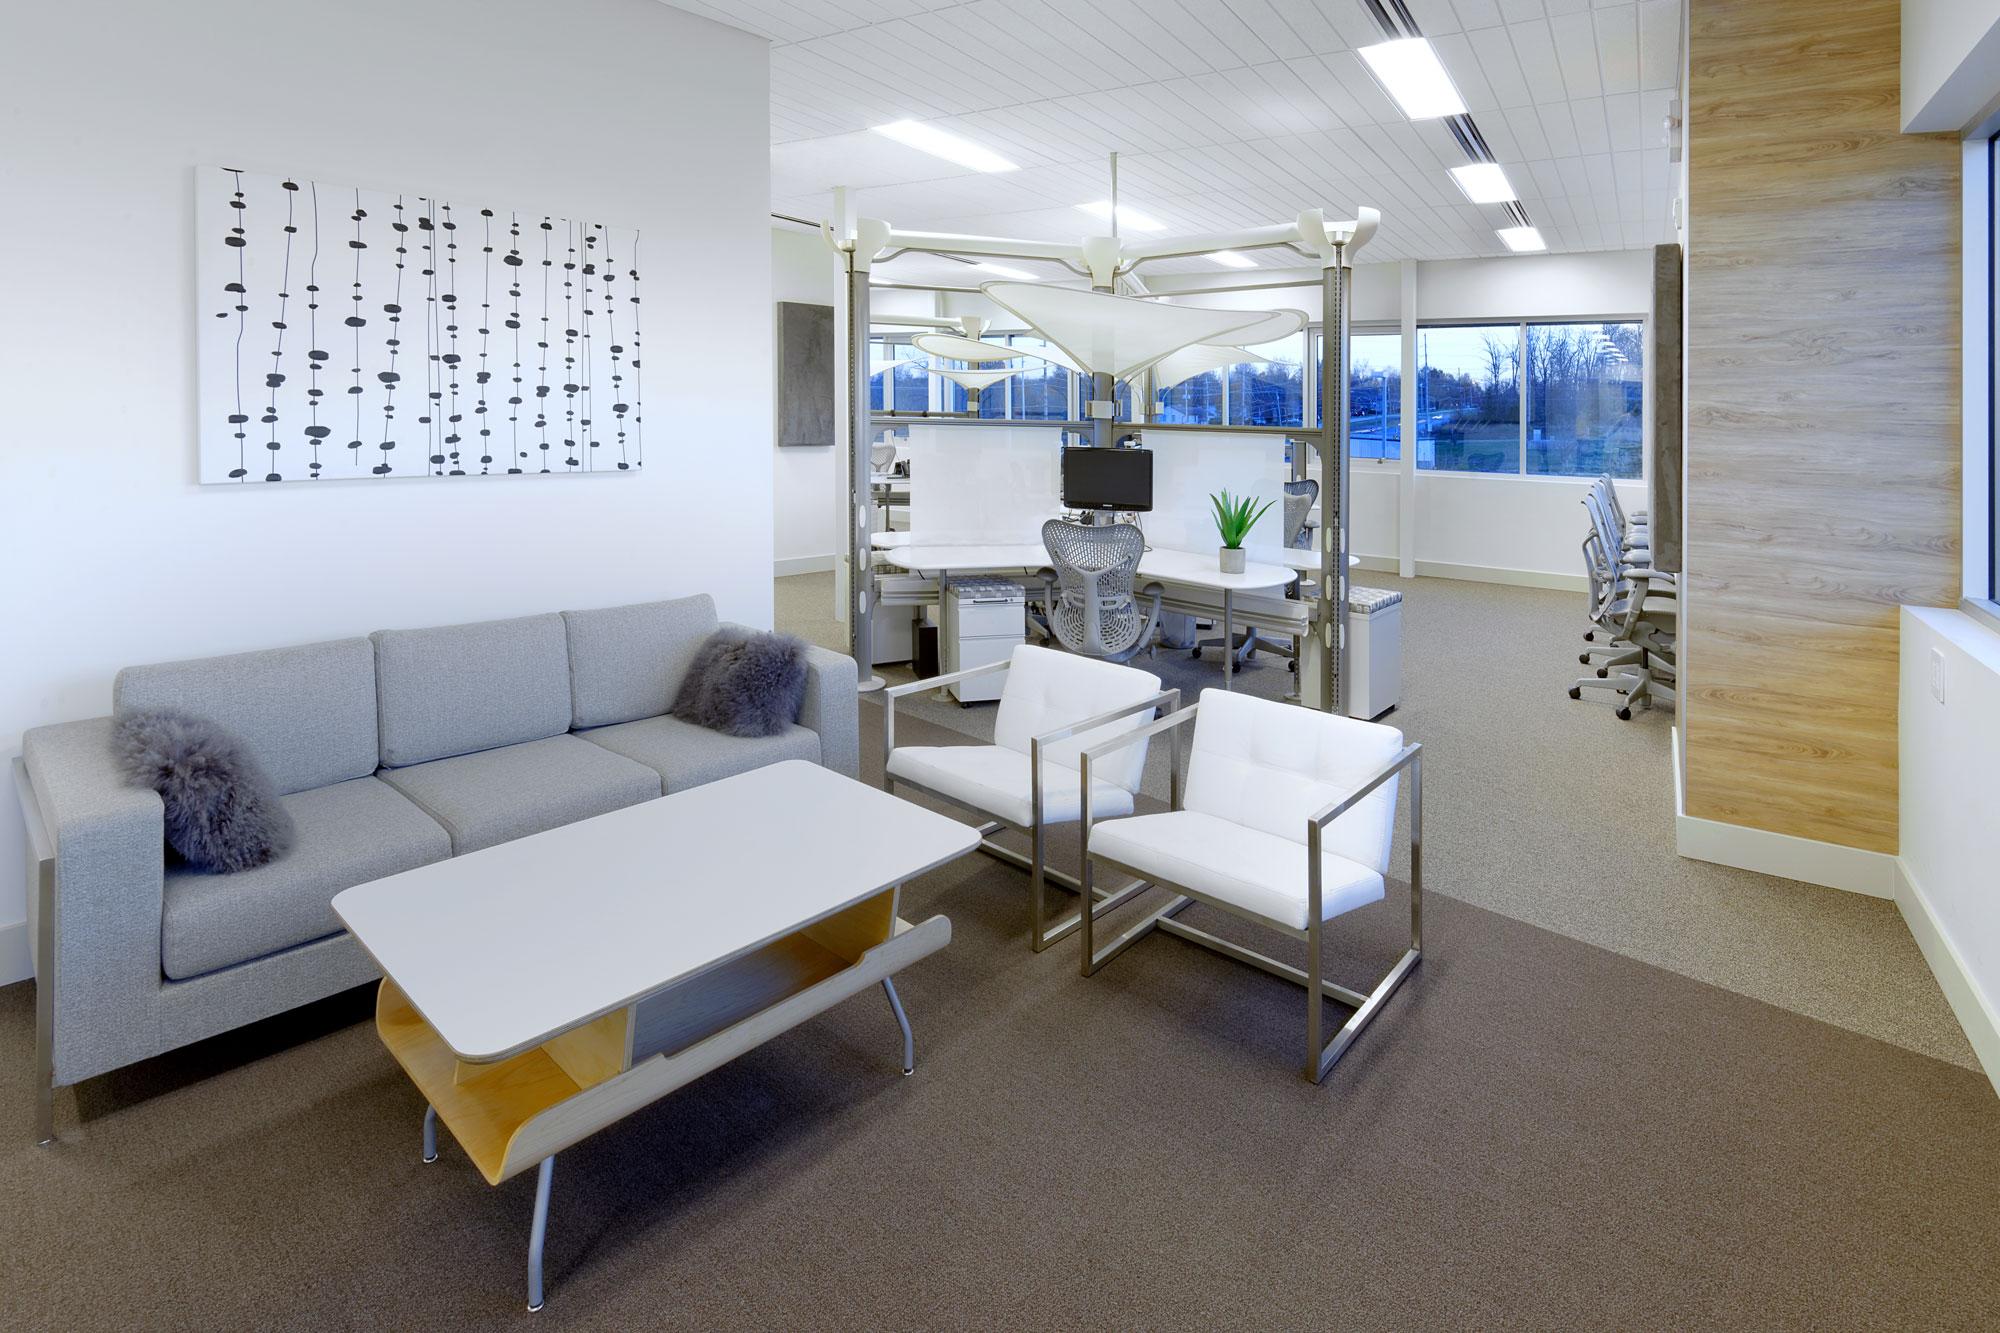 Britecore-H-Design-Interior-03.jpg